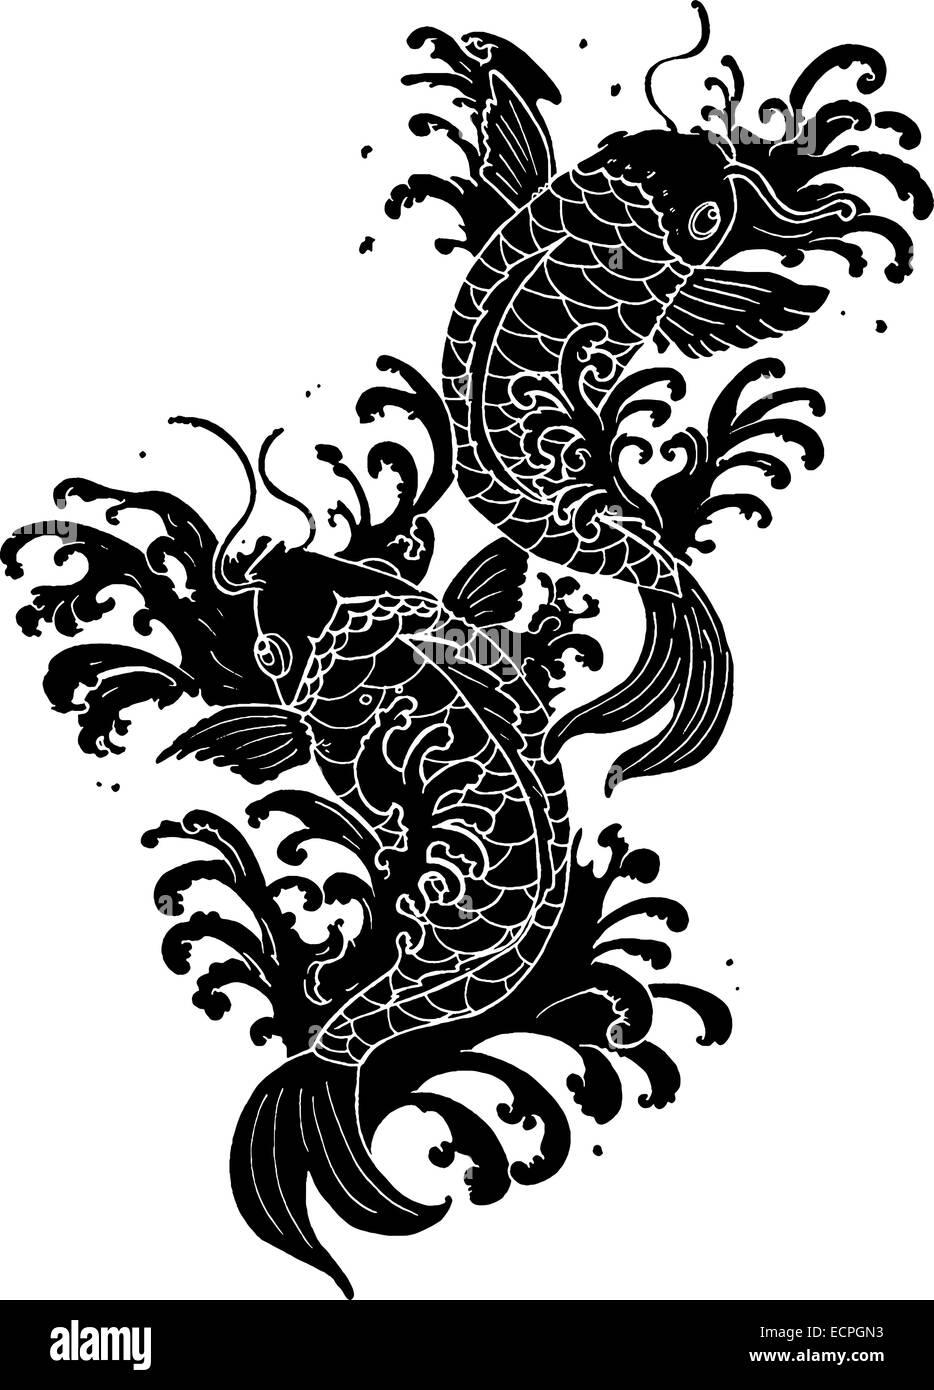 Bocetos De Tatuajes Tradicionales tradicional pez koi tatuaje ilustración en blanco y negro